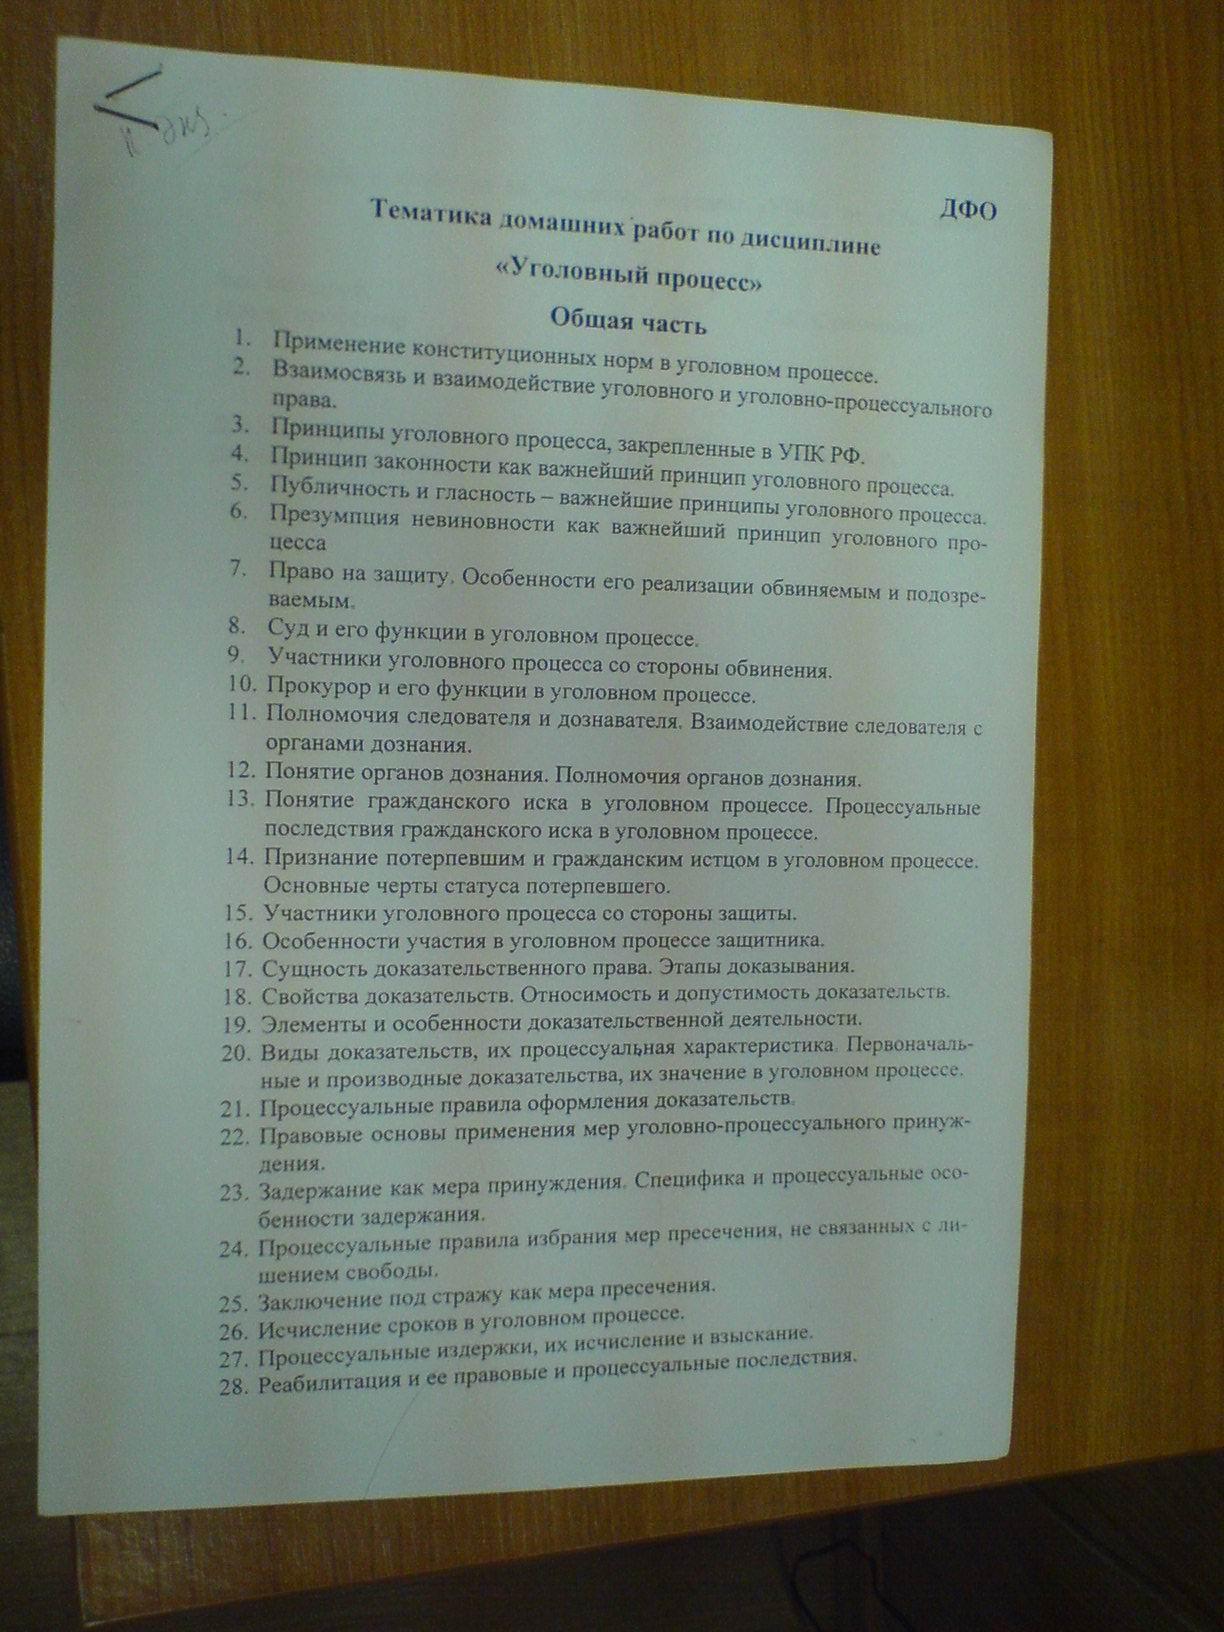 Юриспруденция  ИППУ темы рефератов вопросы к зачету пока нет